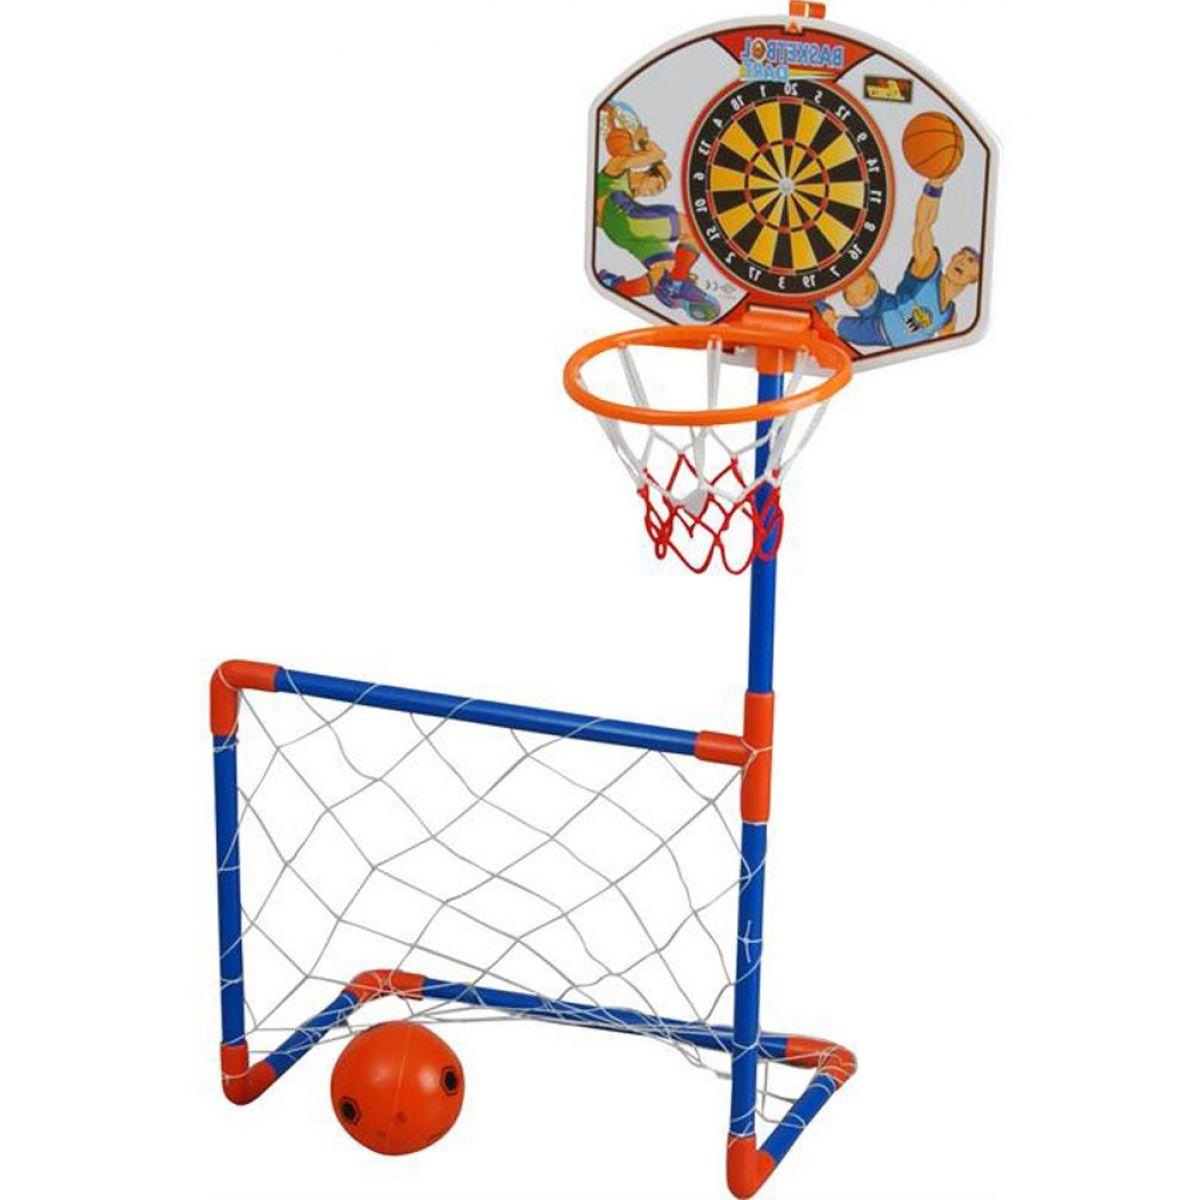 Pilsan Toys Basketbalová deska s fotbalovou brankou